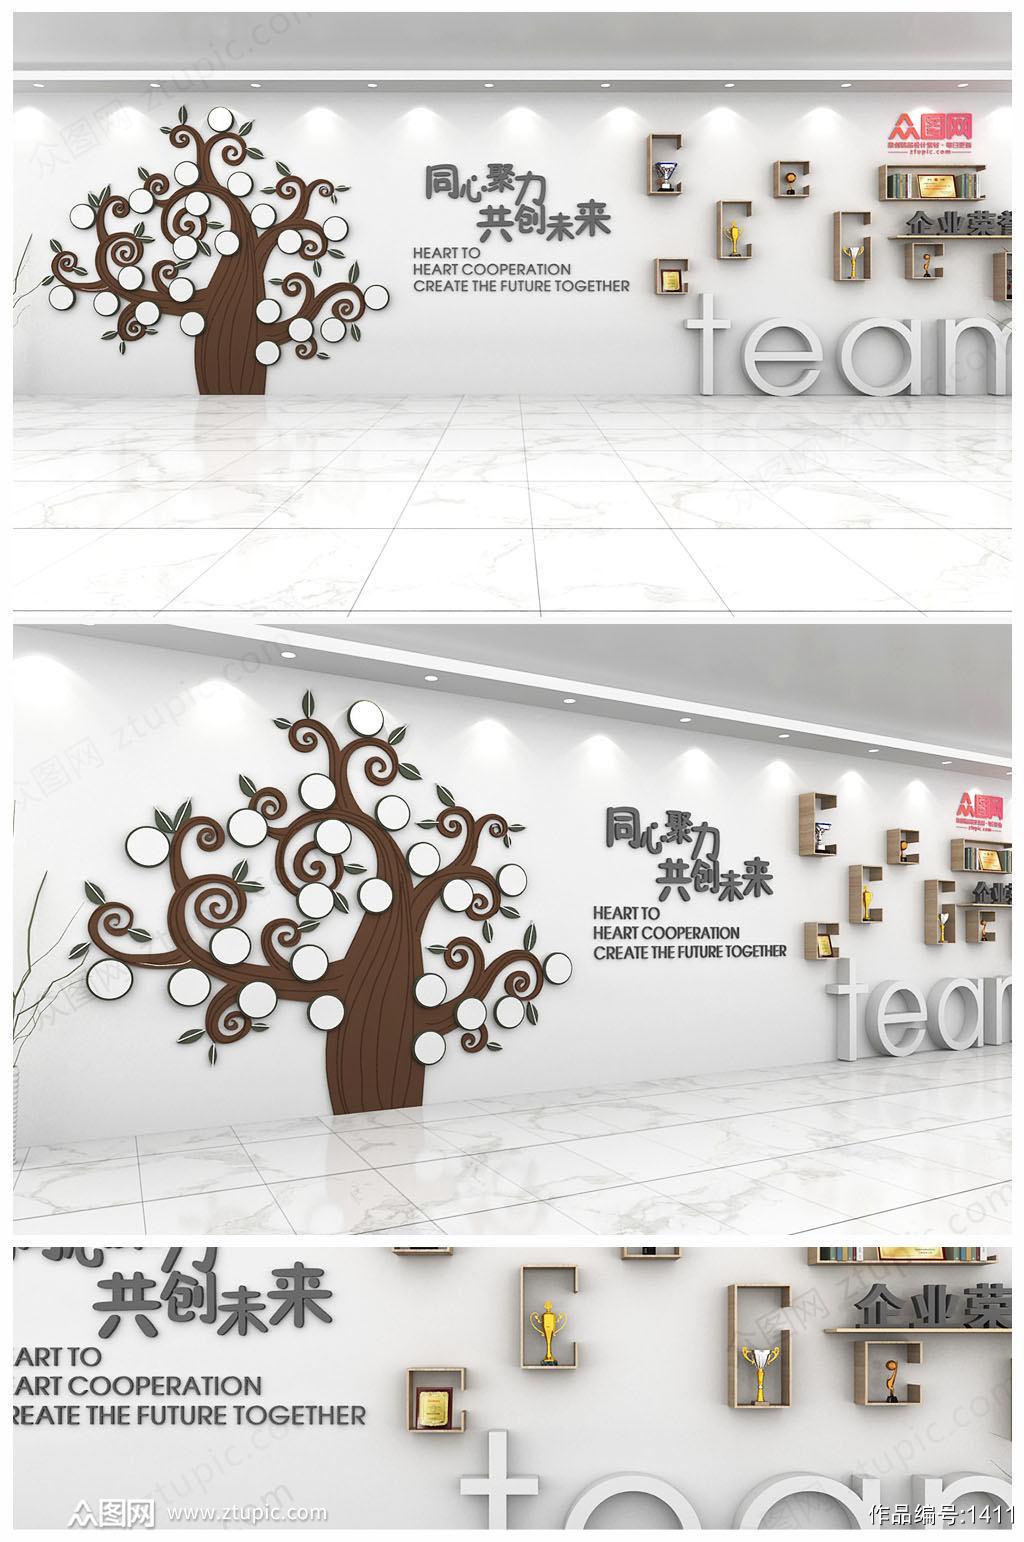 原创个性创意企业文化墙科技形象墙背景墙素材